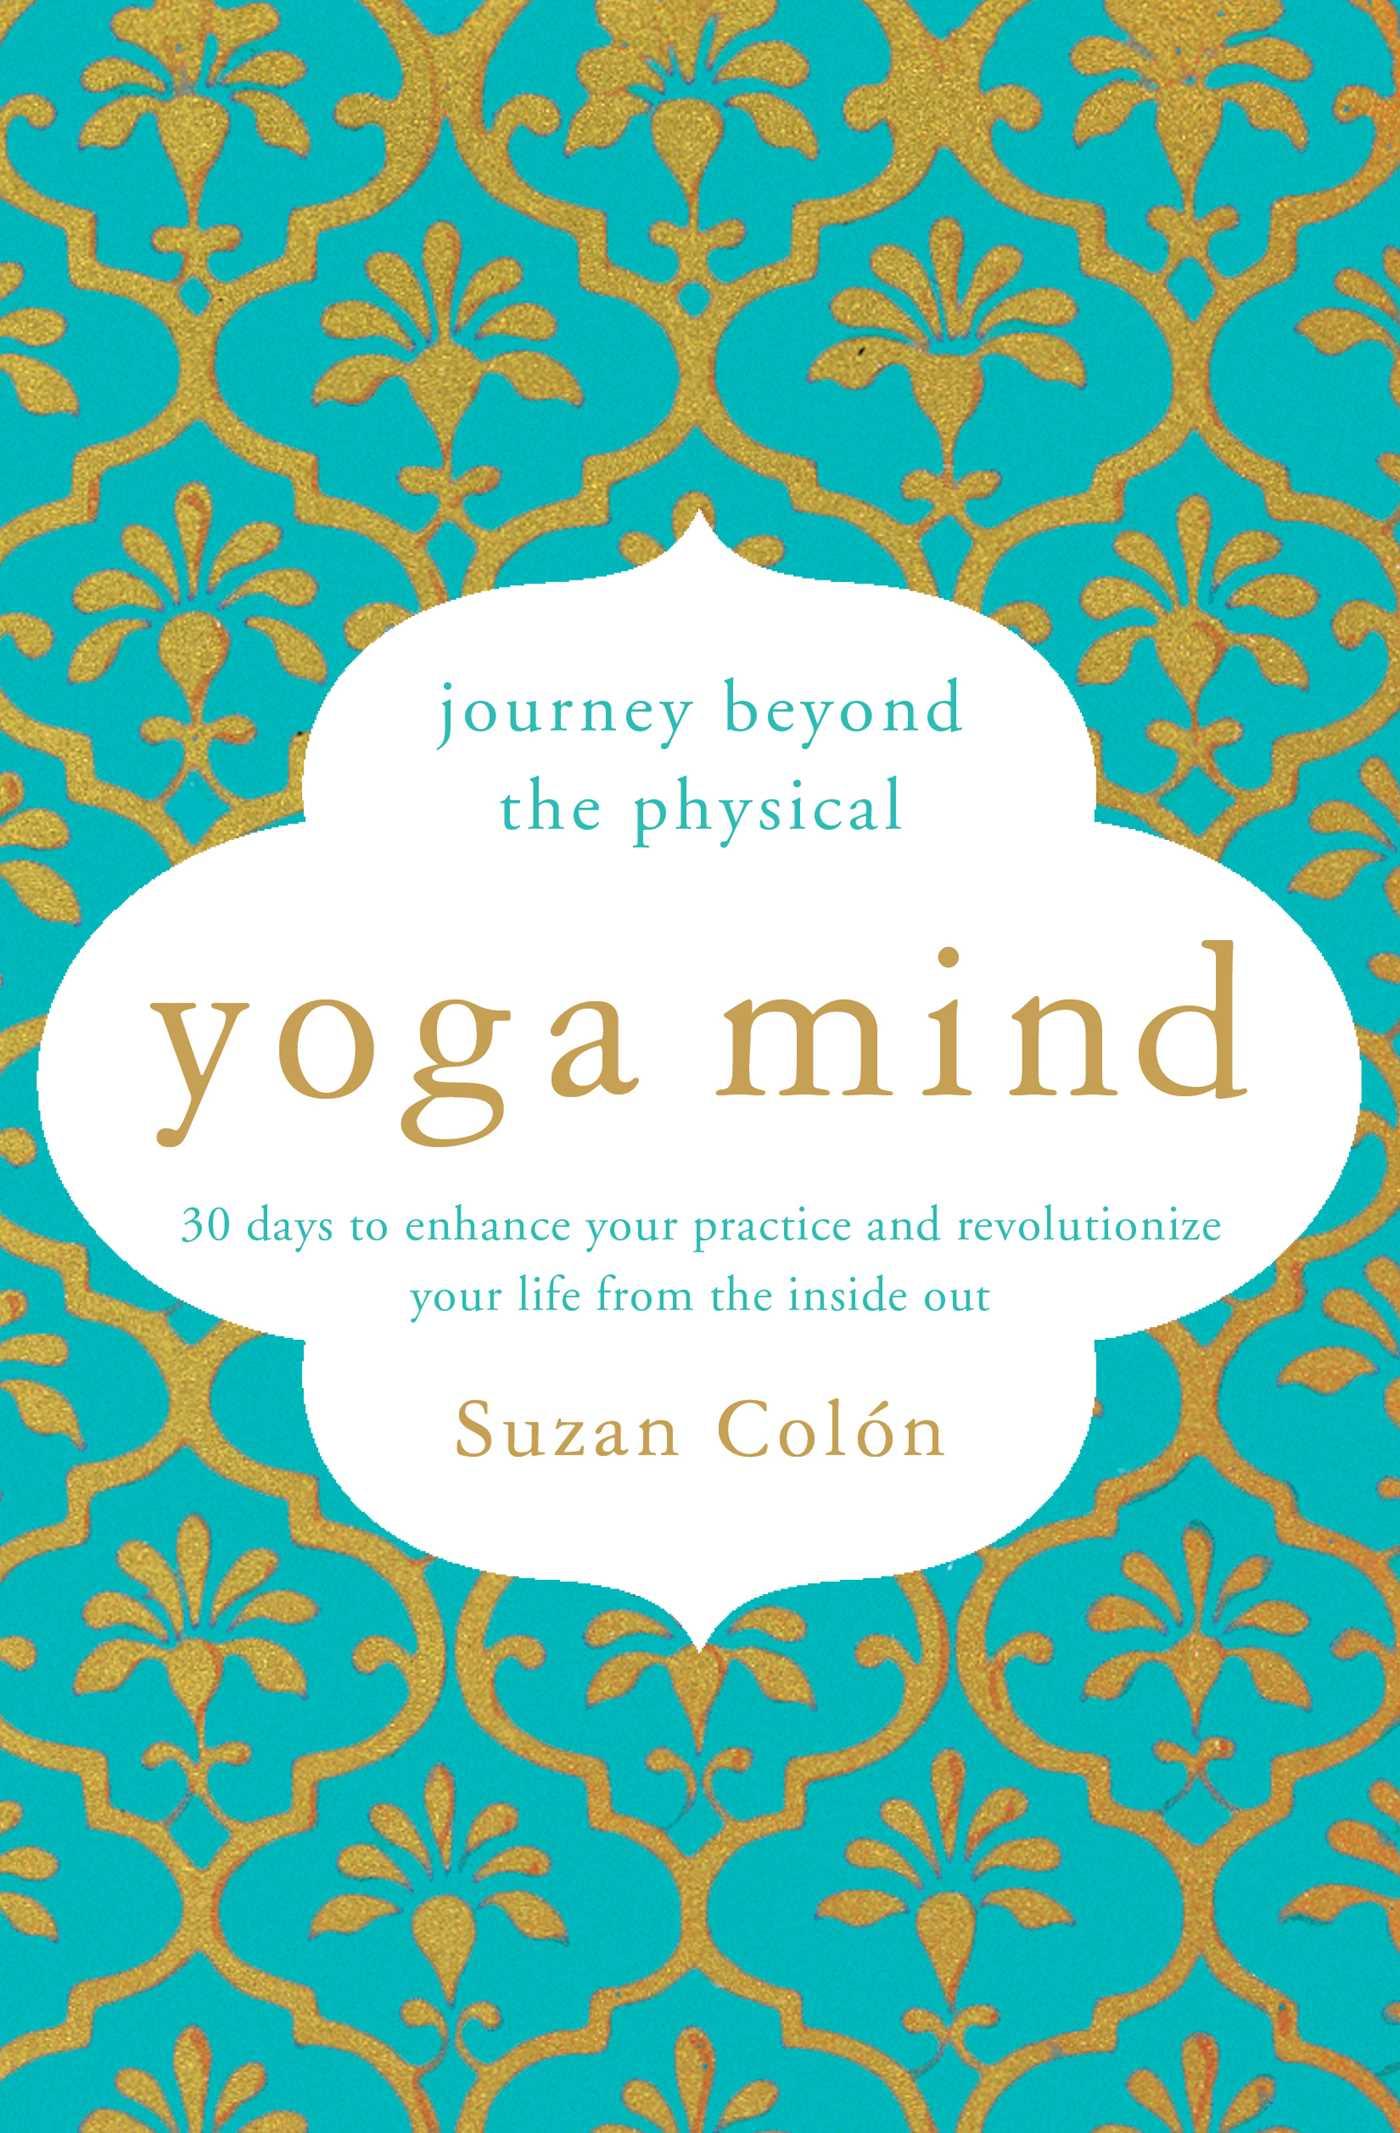 yoga mind cover.jpg